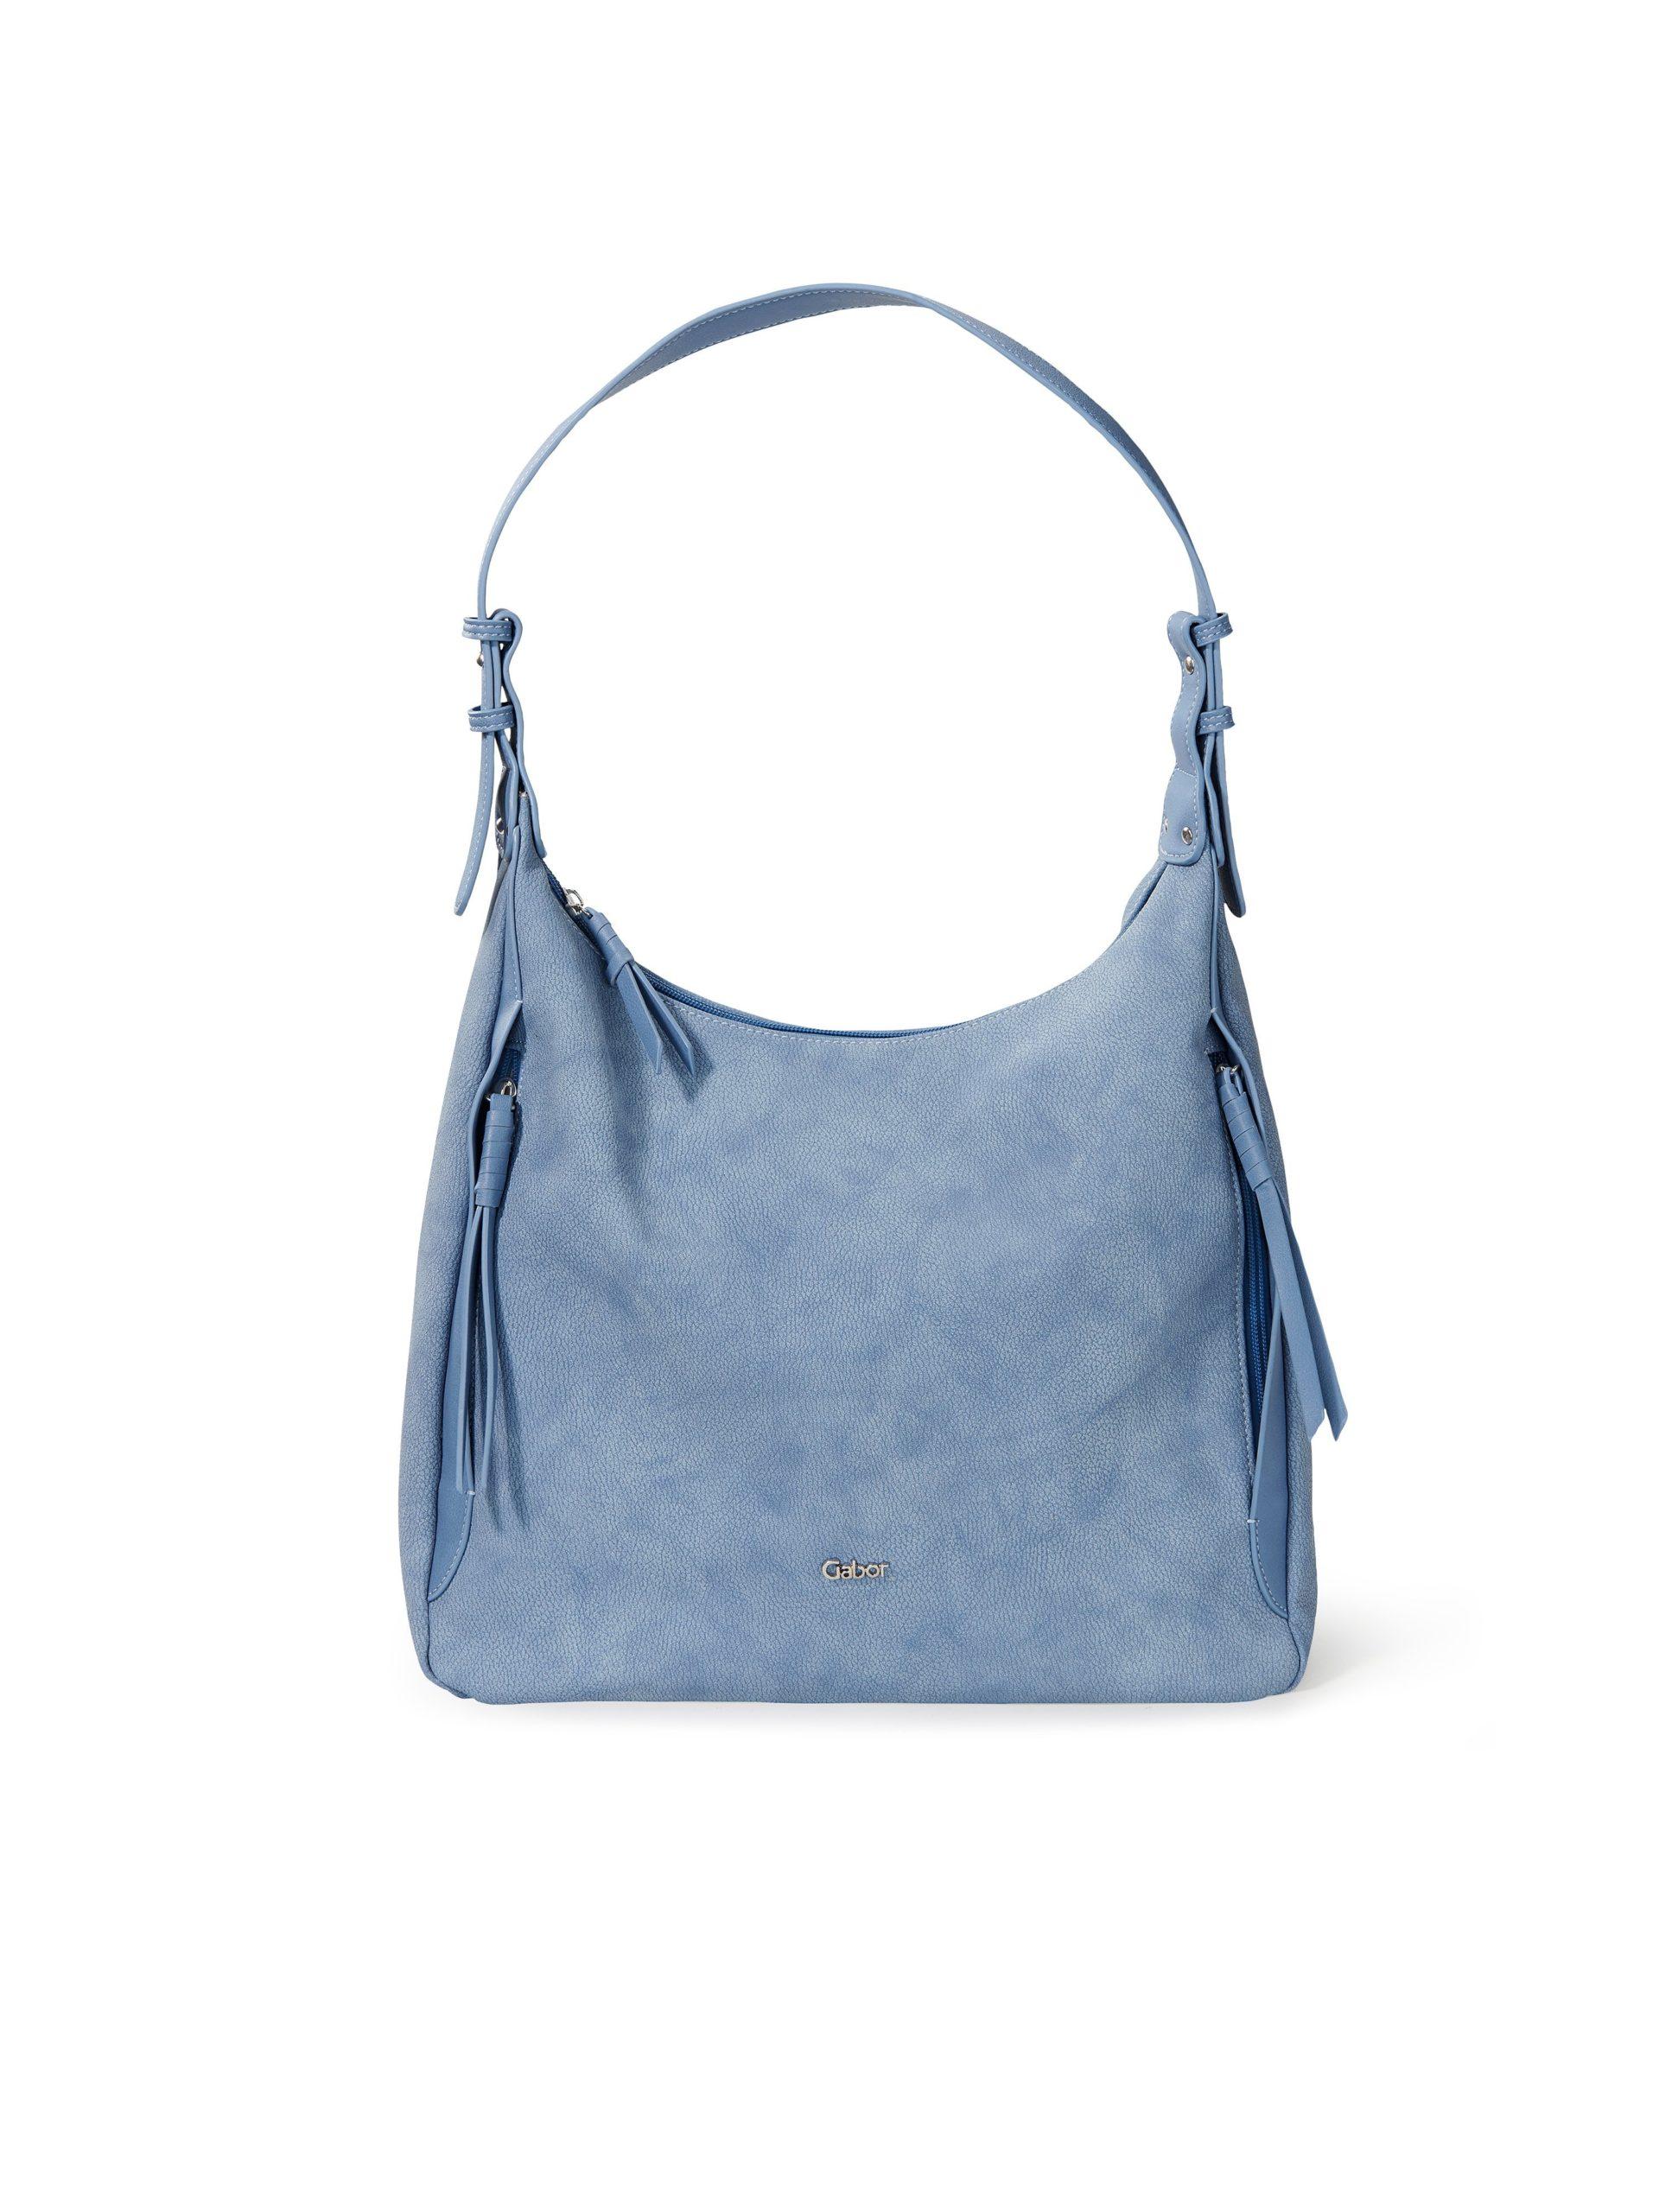 Tas met handvat Van Gabor Bags blauw Kopen